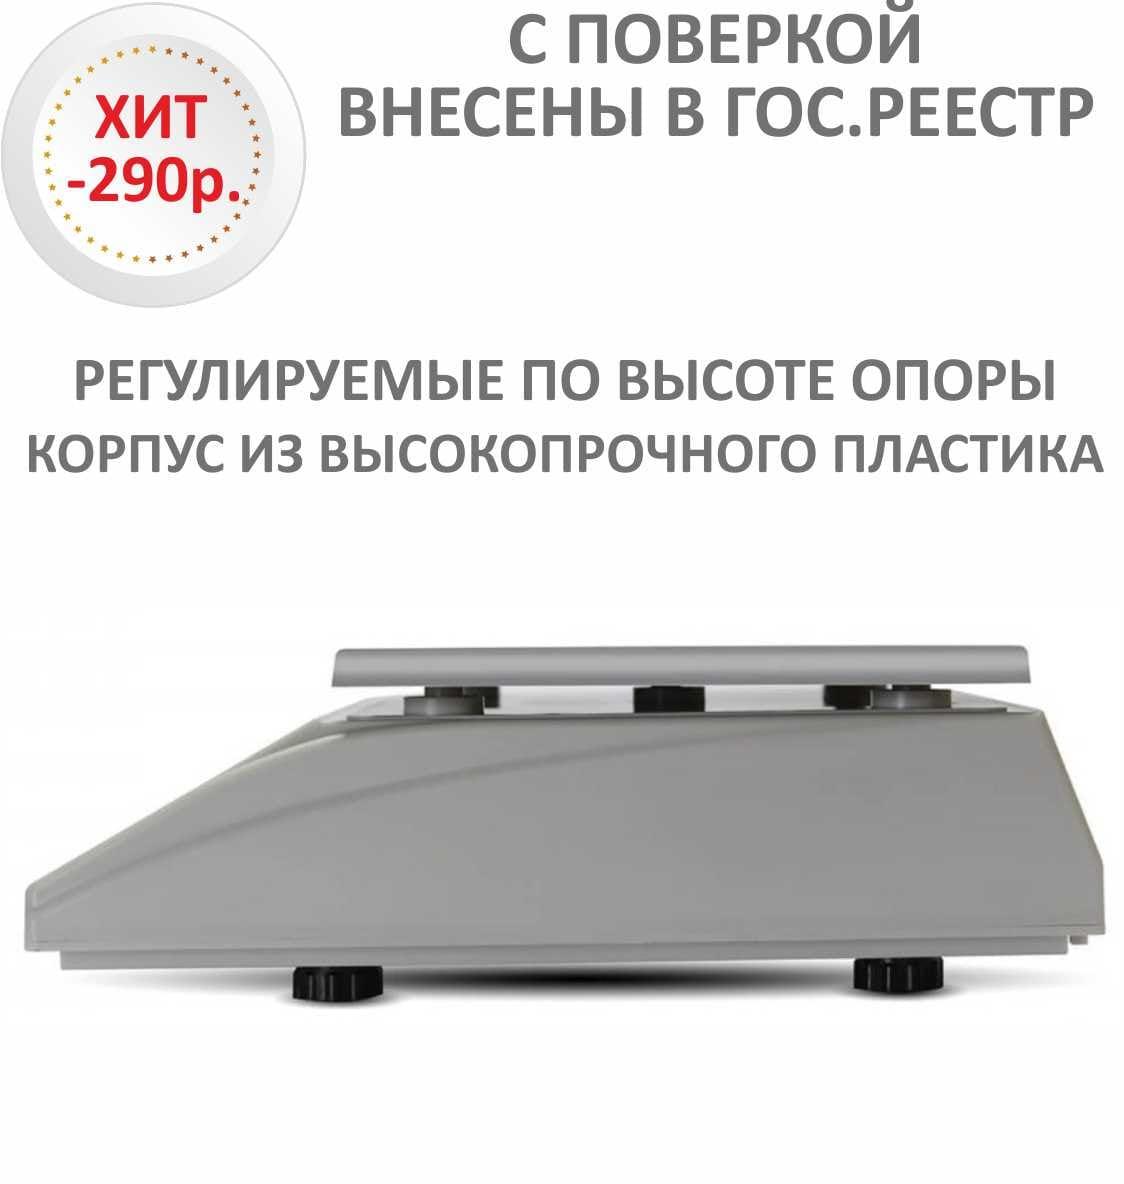 Весы торговые настольные M-ER 326AFL-6.1/15.2/32.5 Cube LCD - вид сбоку